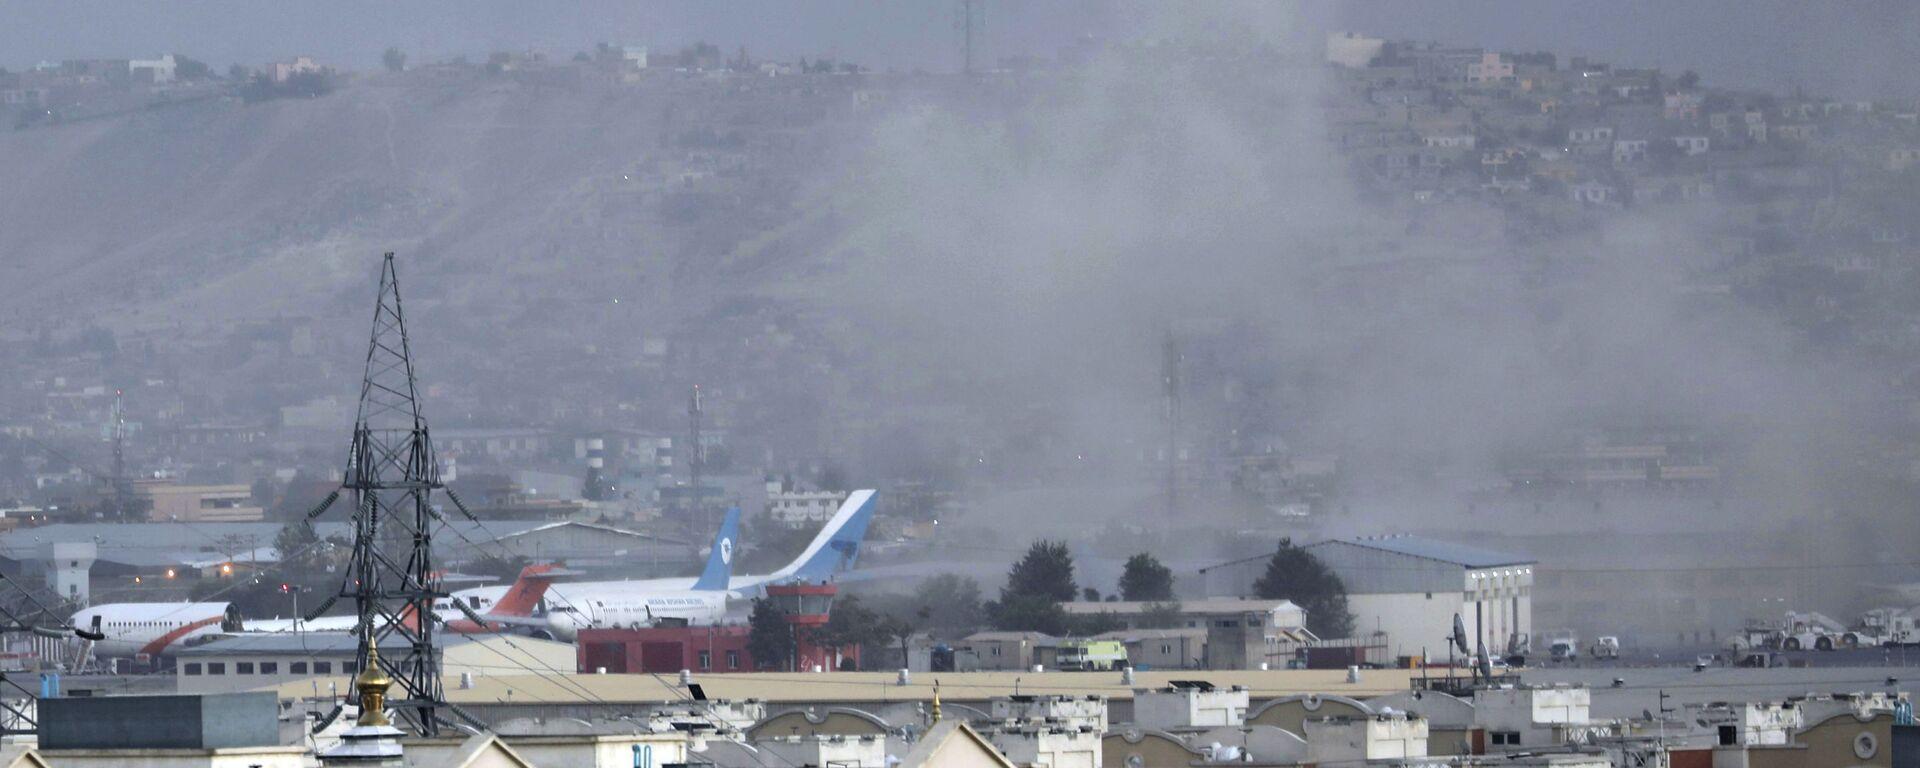 Dim nakon eksplozije na aerodromu u Kabulu - Sputnik Srbija, 1920, 26.08.2021